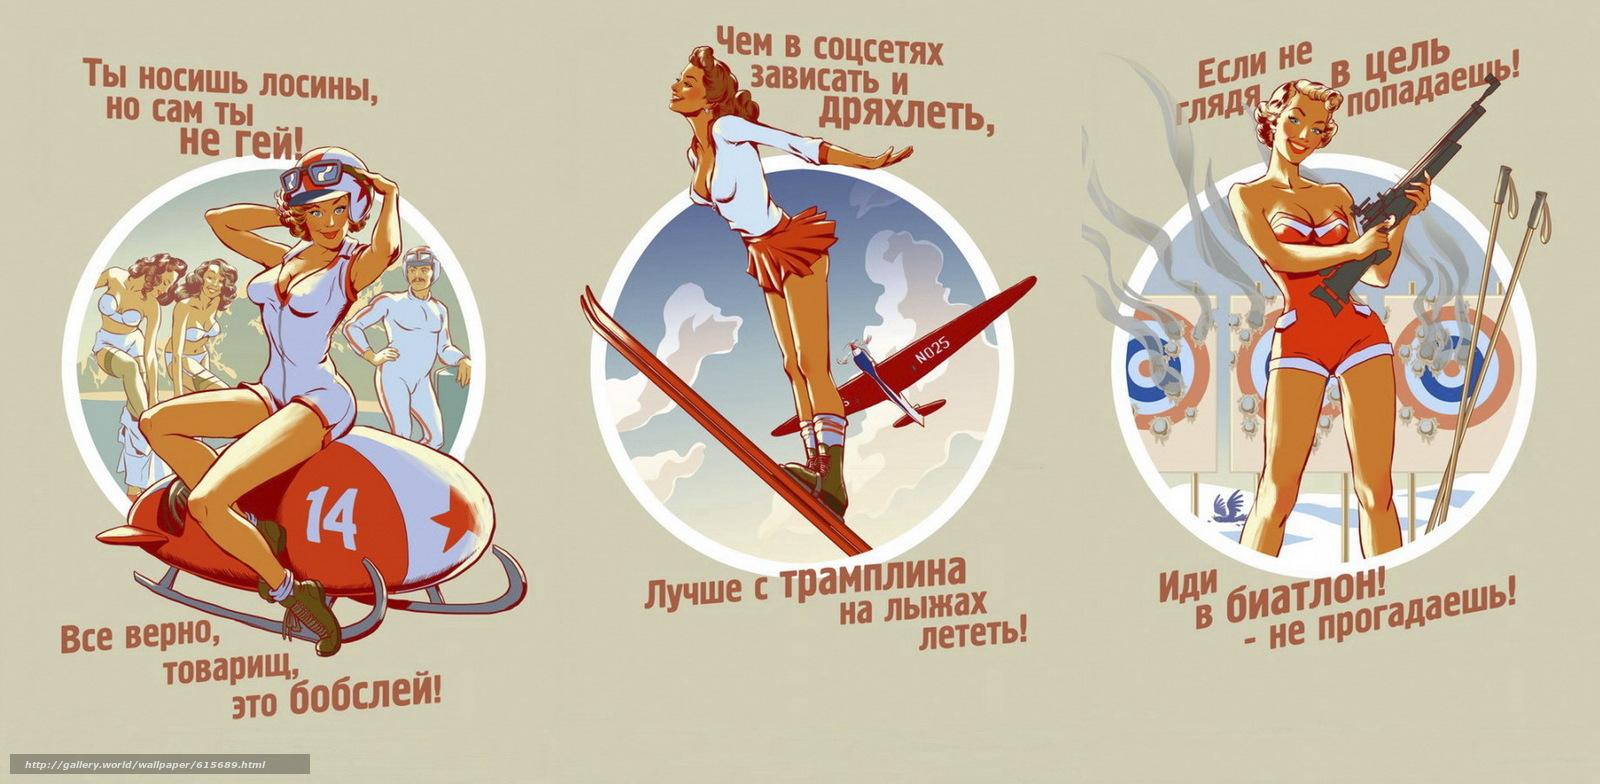 Скачать на телефон обои фото картинку на тему юмор, прикол, зимние, виды, спорта, плакат, бобслей, лыжи, биатлон, разширение 2204x1080